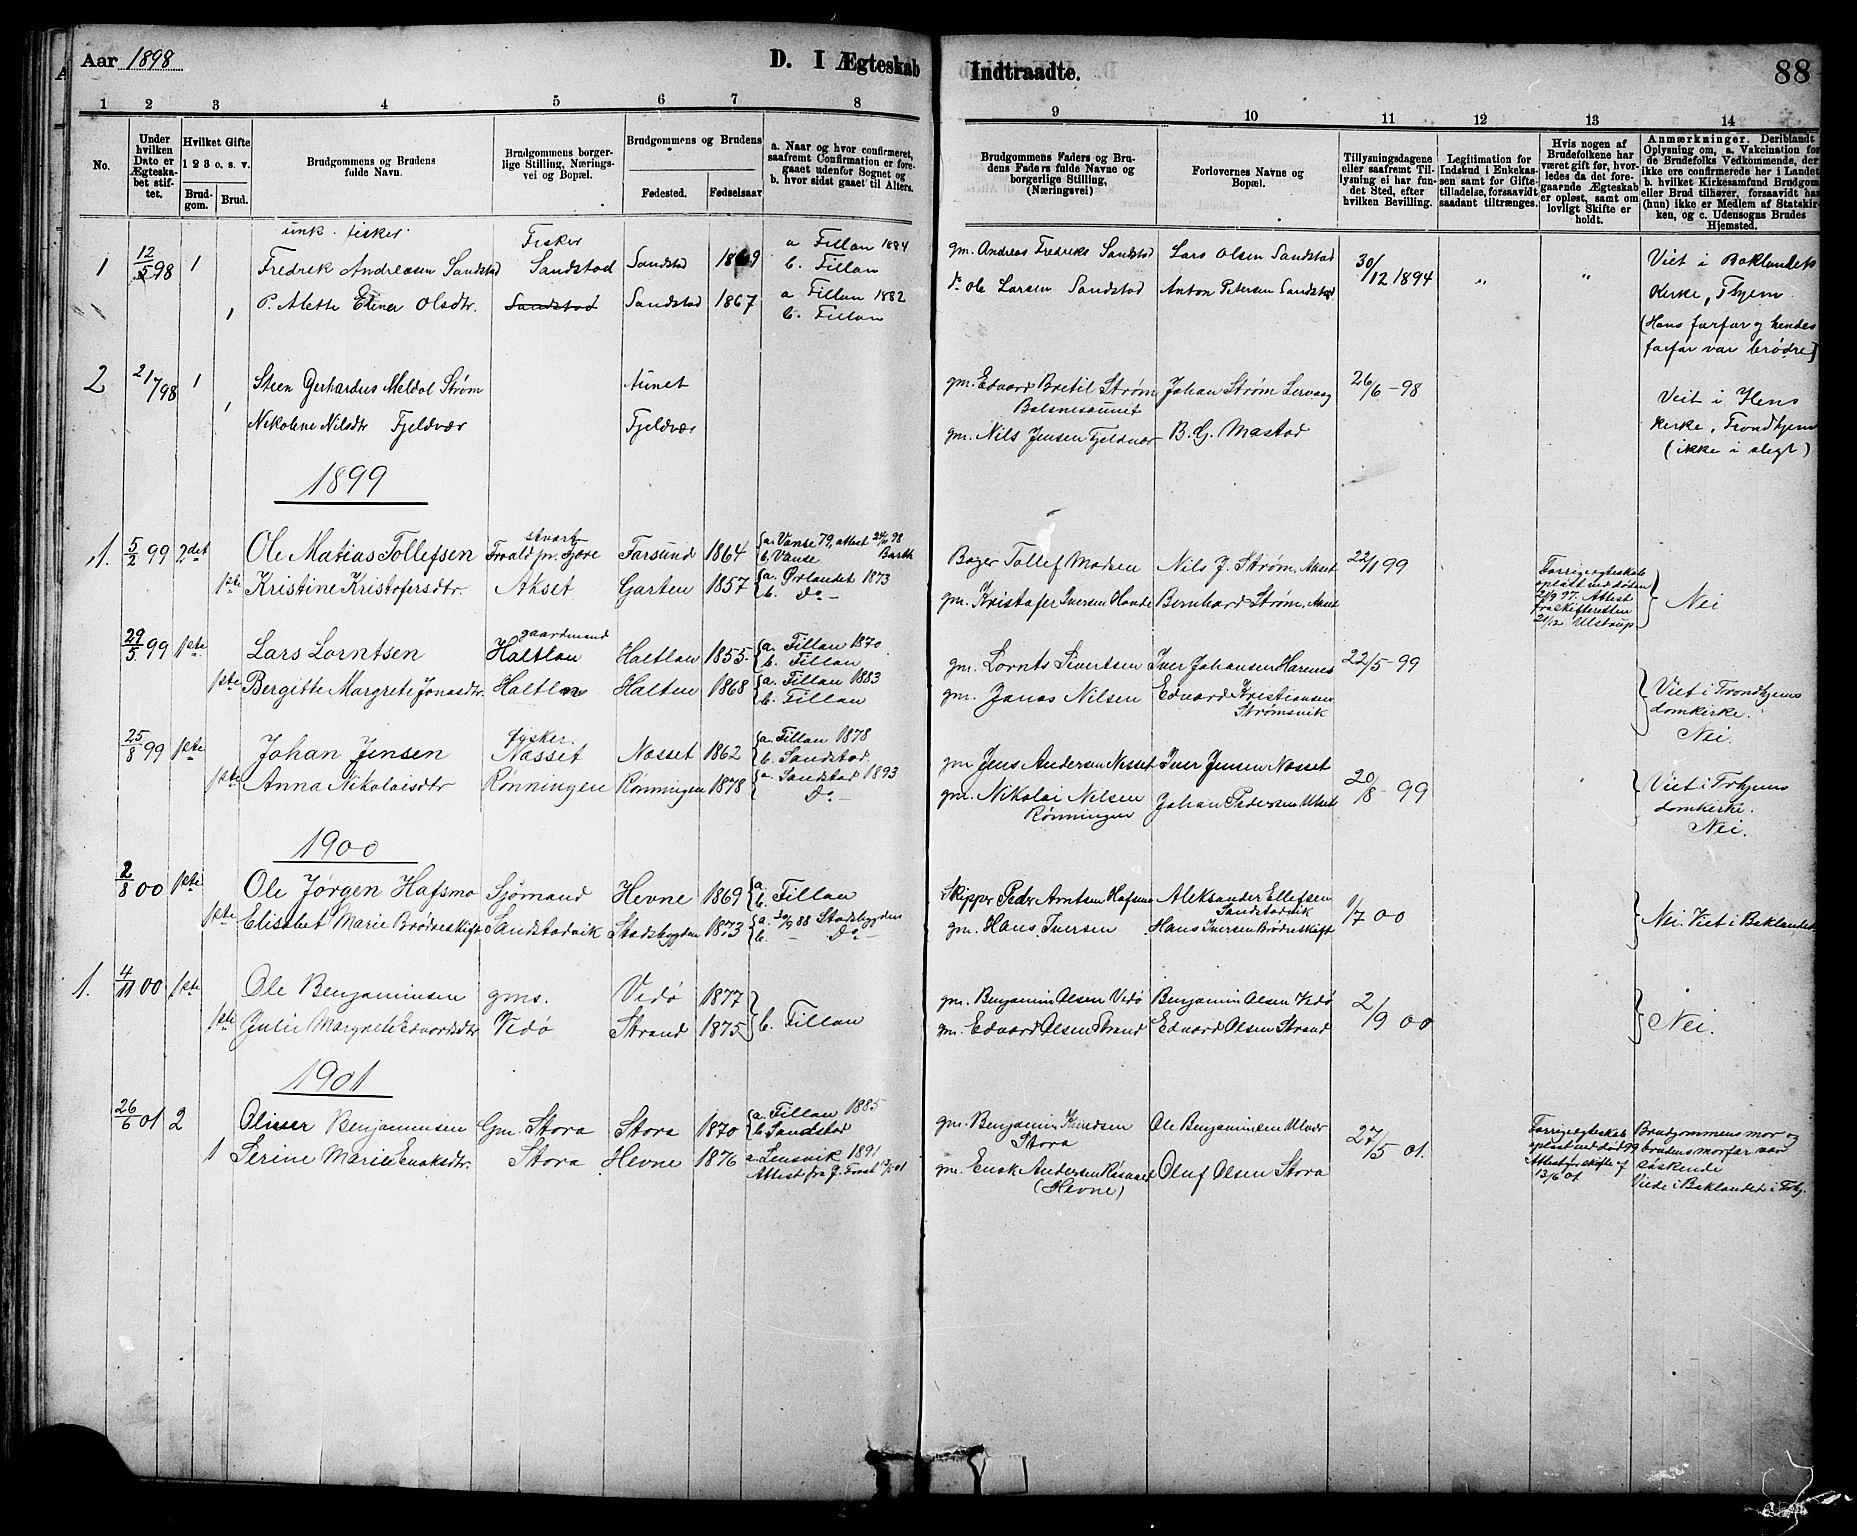 SAT, Ministerialprotokoller, klokkerbøker og fødselsregistre - Sør-Trøndelag, 639/L0573: Klokkerbok nr. 639C01, 1890-1905, s. 88